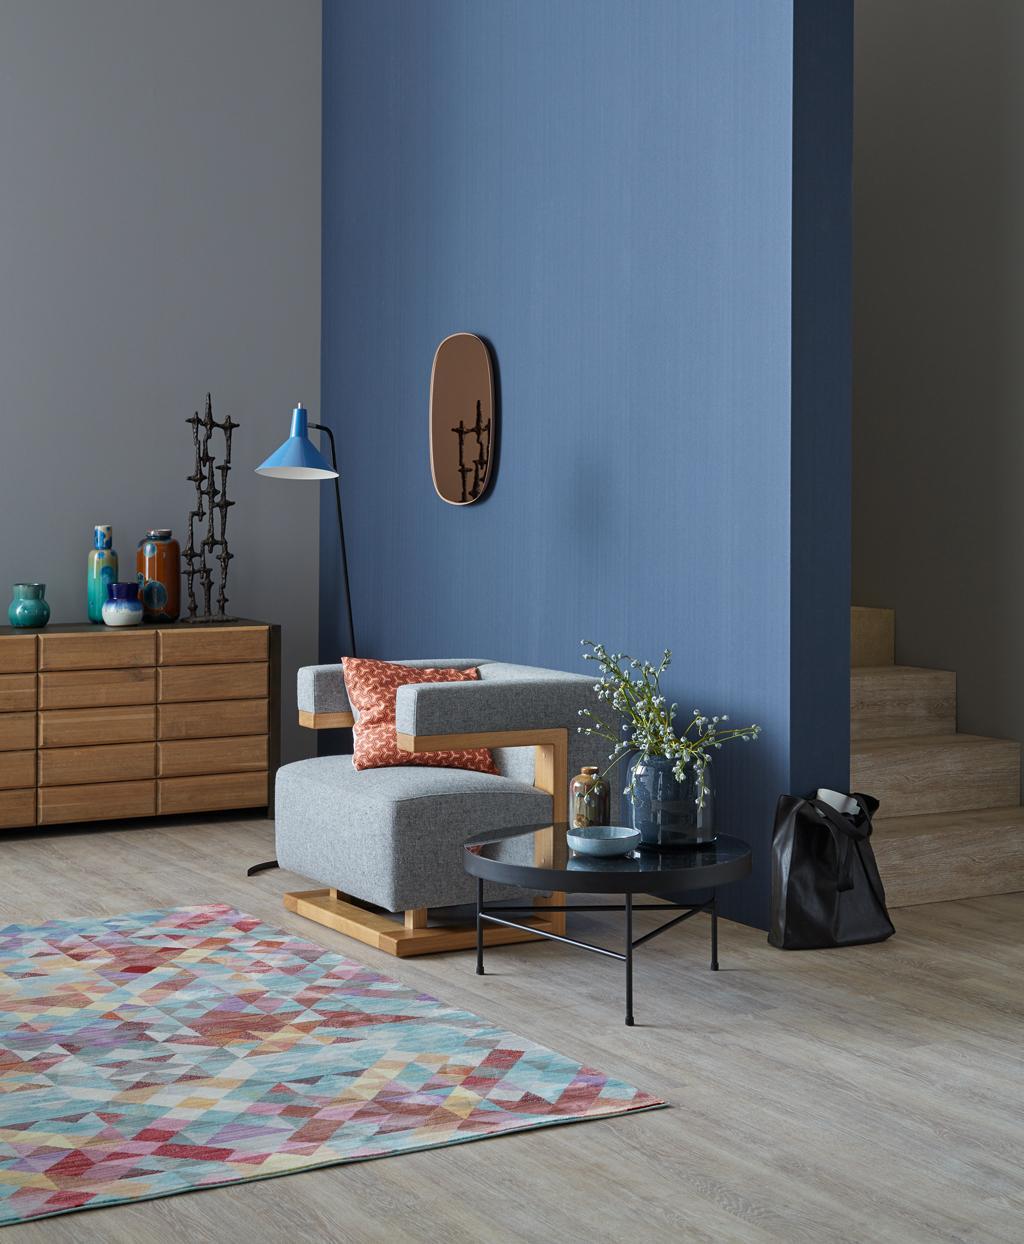 vliestapete • bilder & ideen • couchstyle, Wohnzimmer dekoo